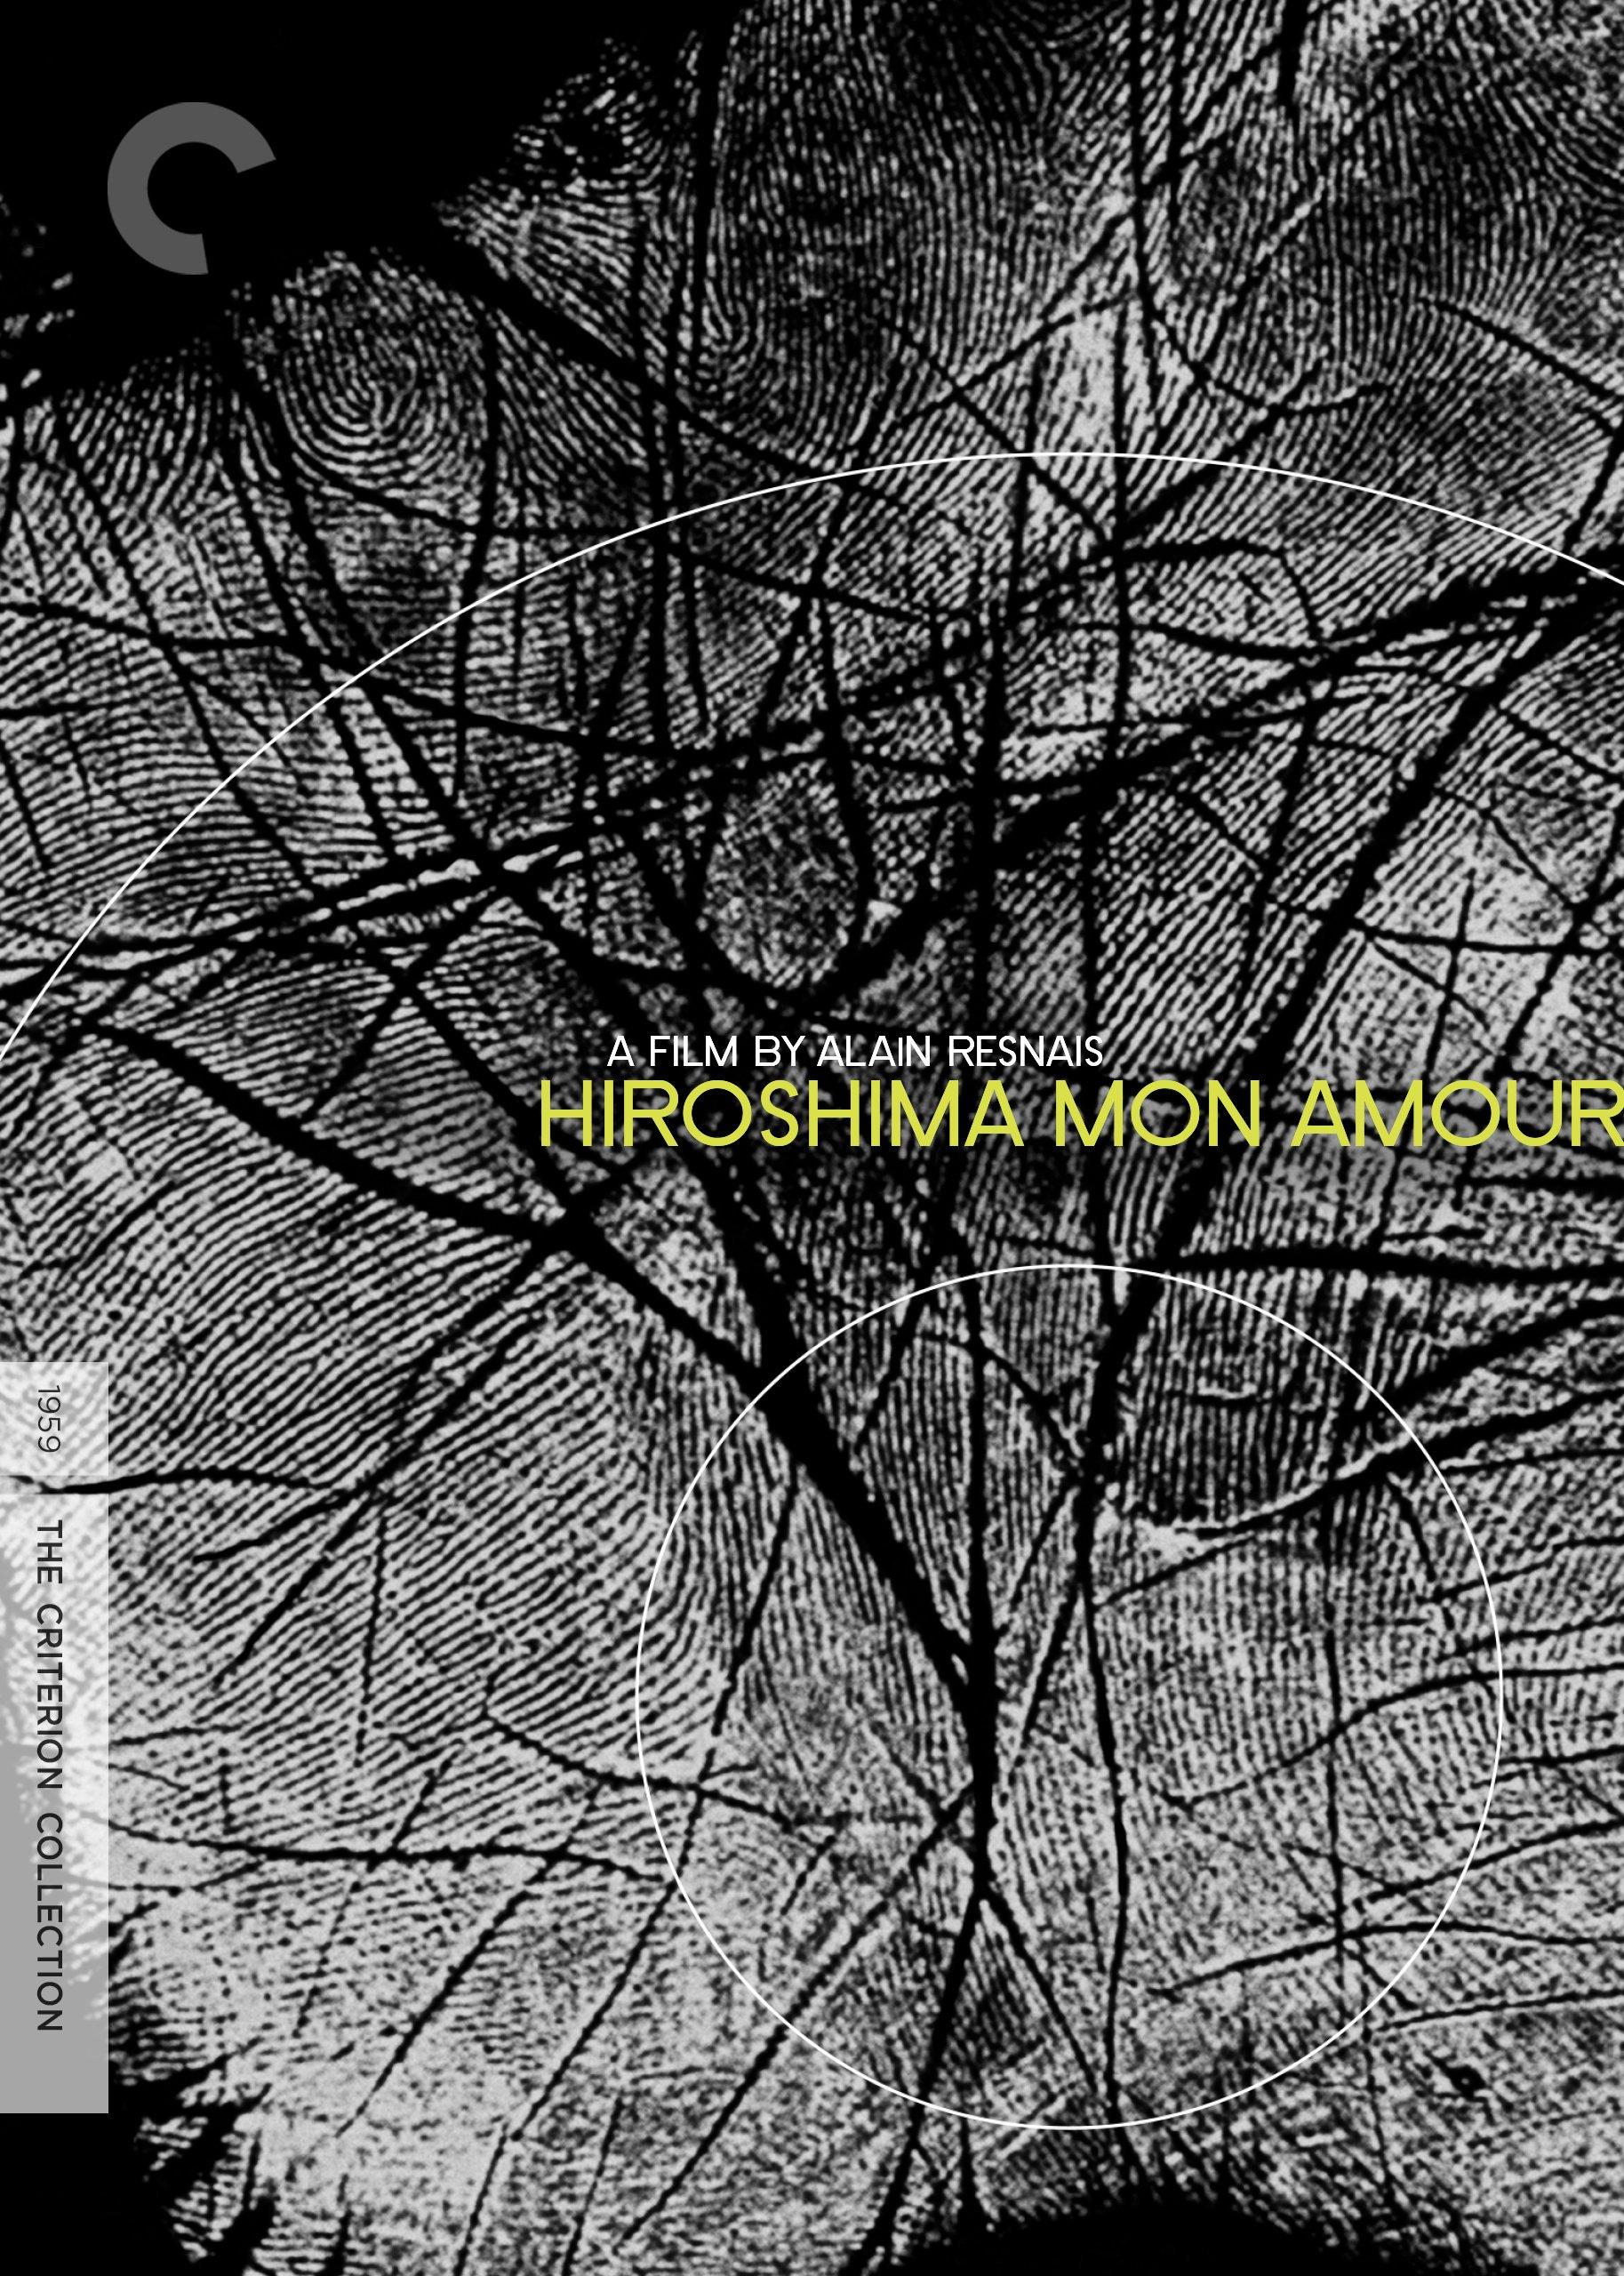 hiroshima mon amour 1959 torrentking